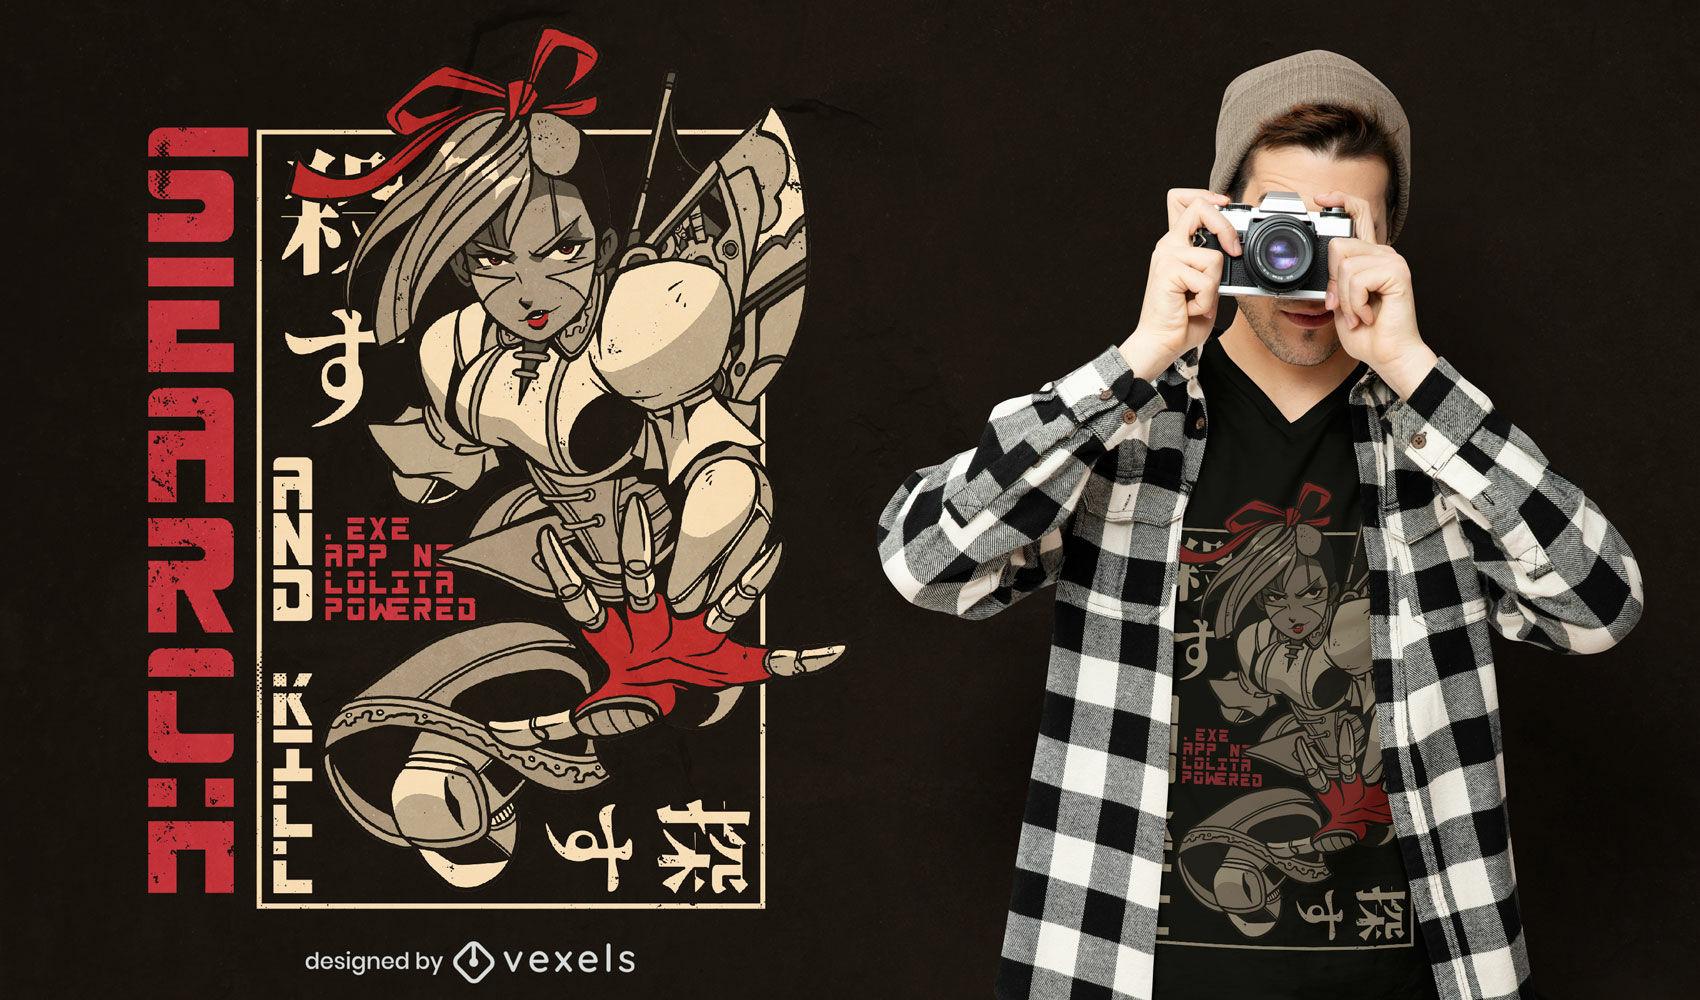 Lolita movido a design de camisetas japonesas